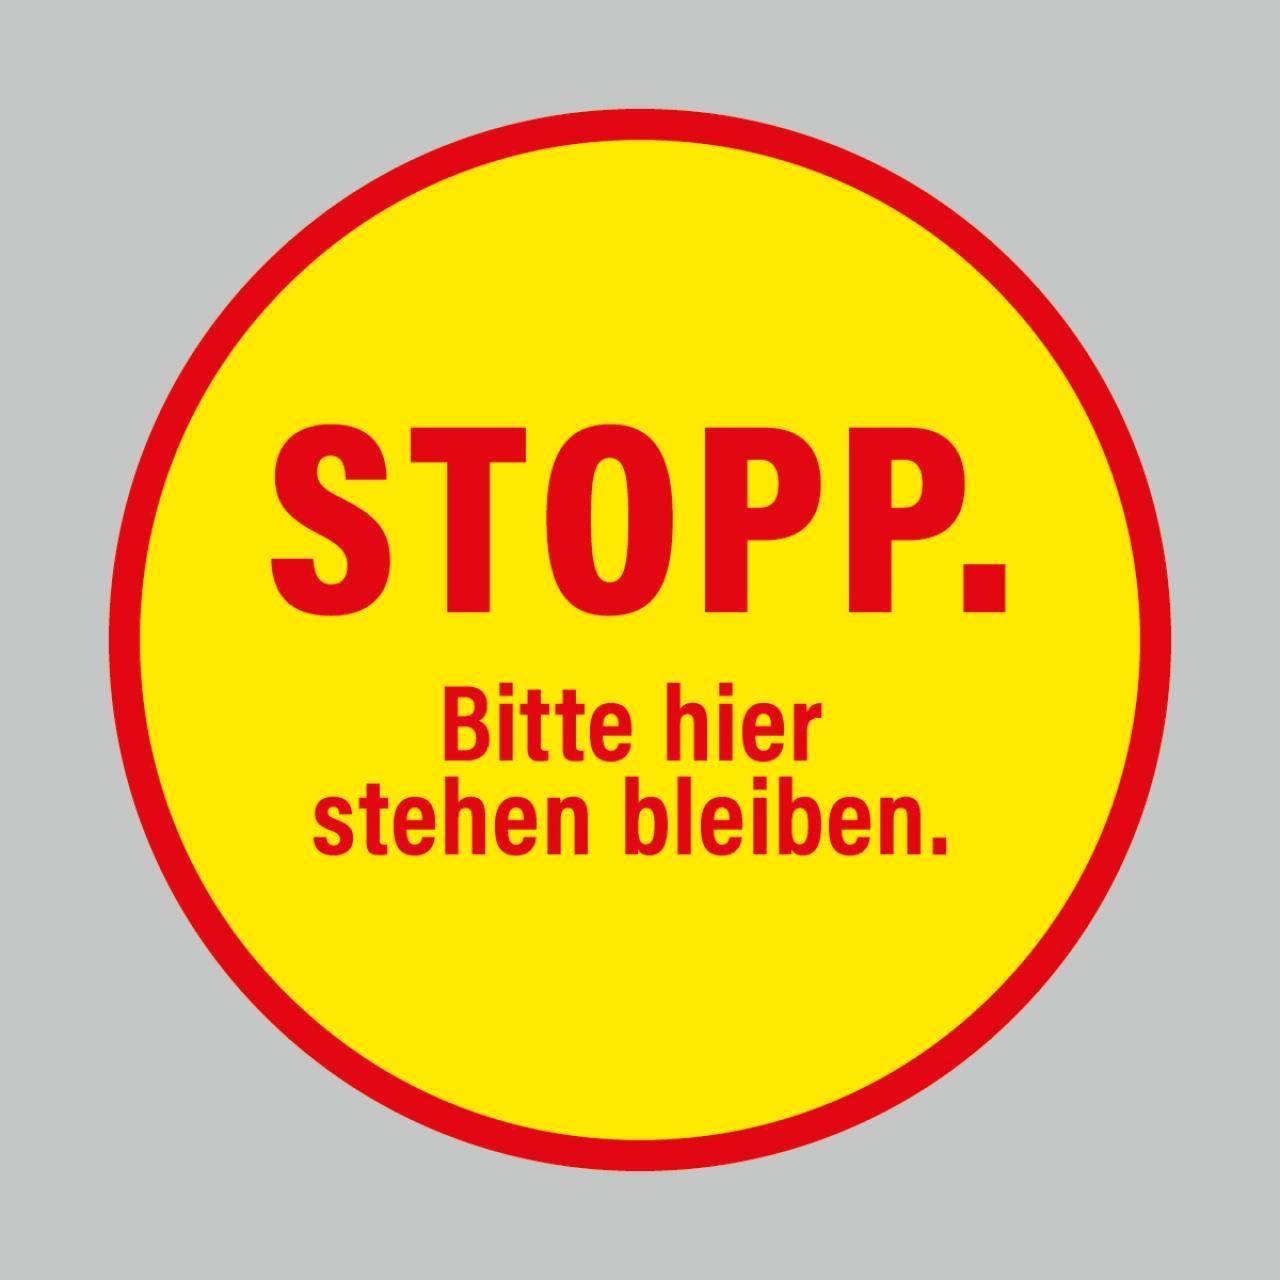 Fußbodenaufkleber, rot-gelb, rund 48cm – Stopp